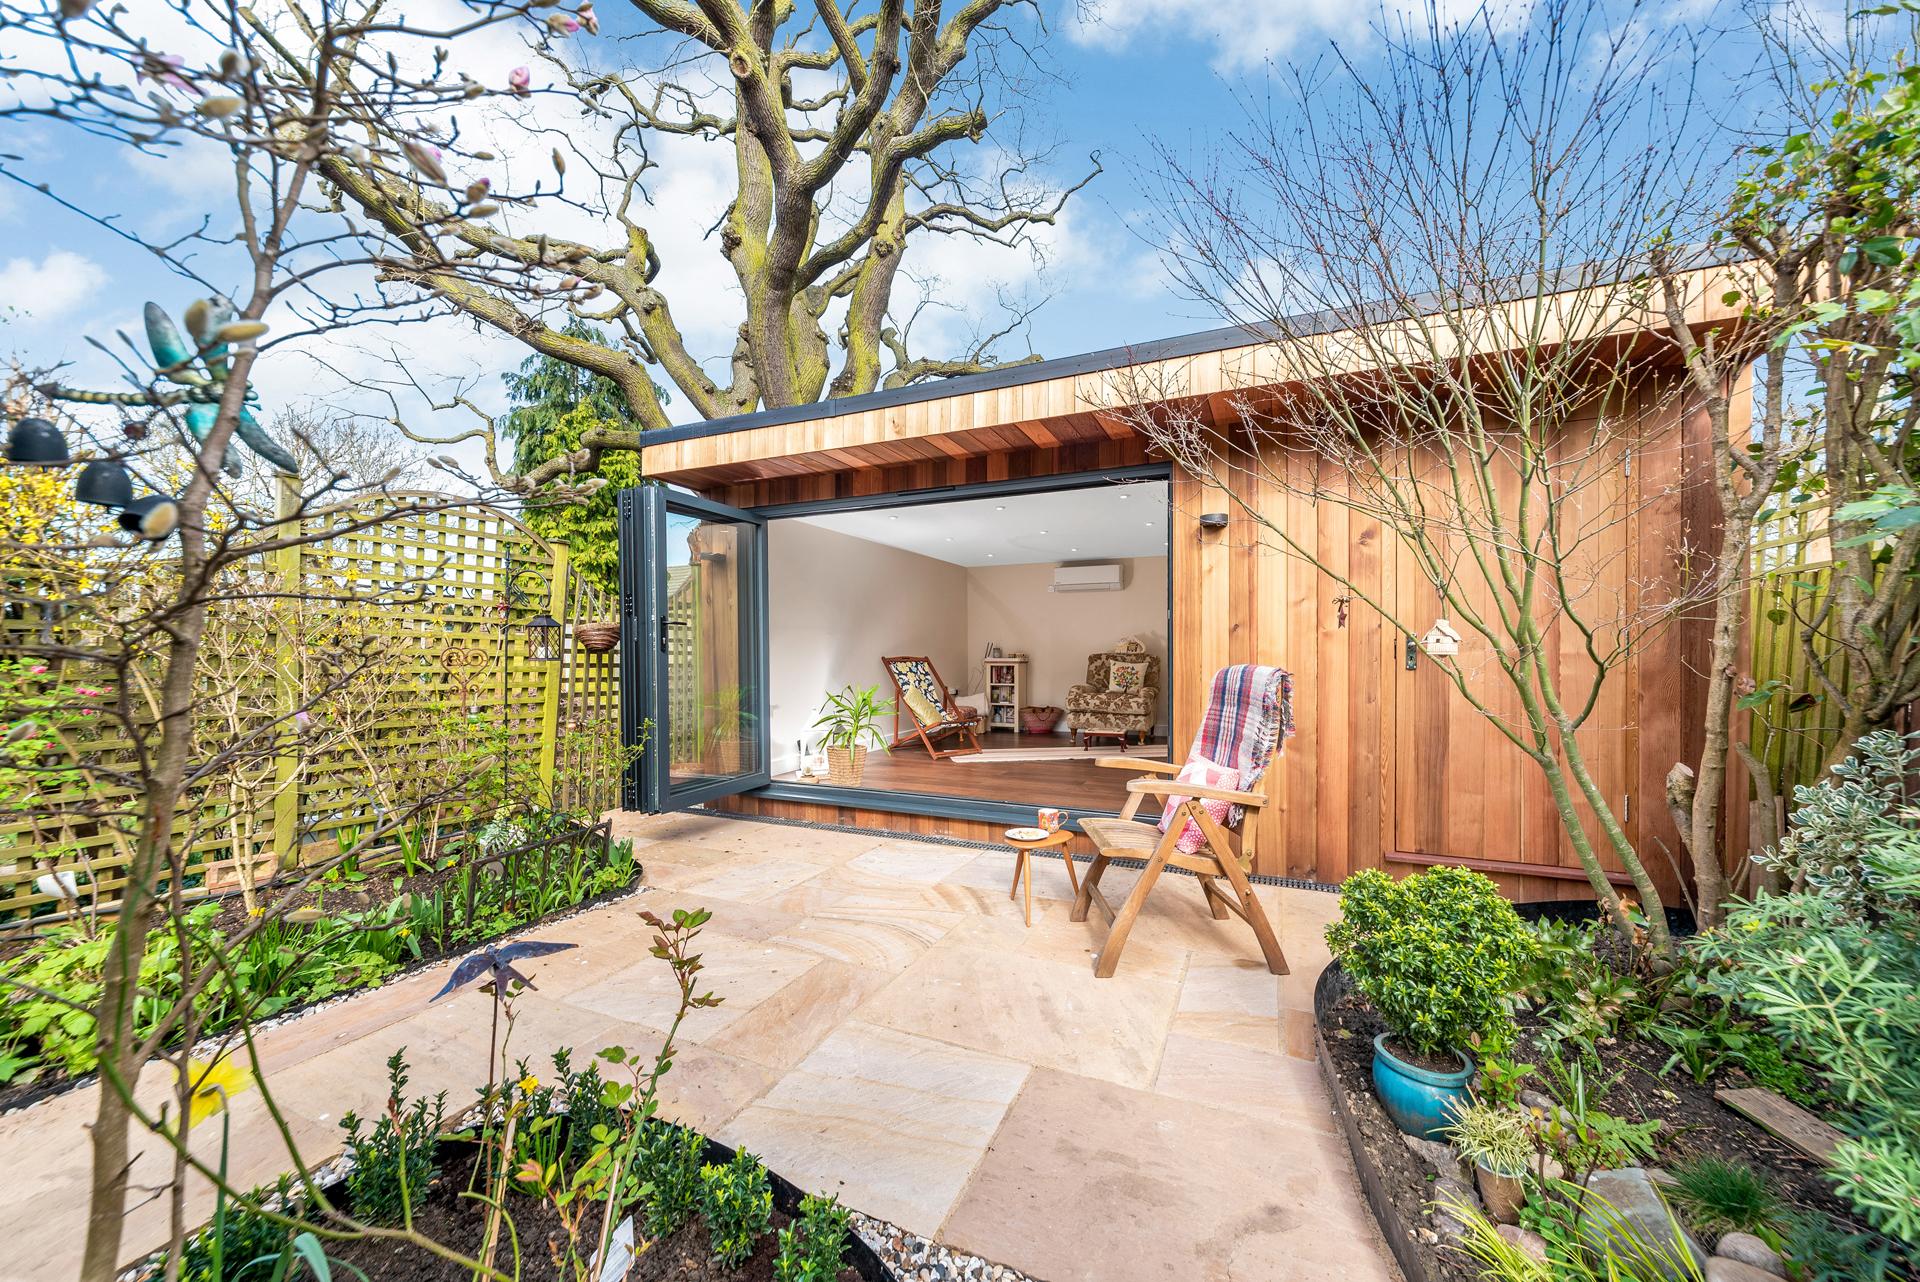 Luxury bespoke garden rooms in Essex